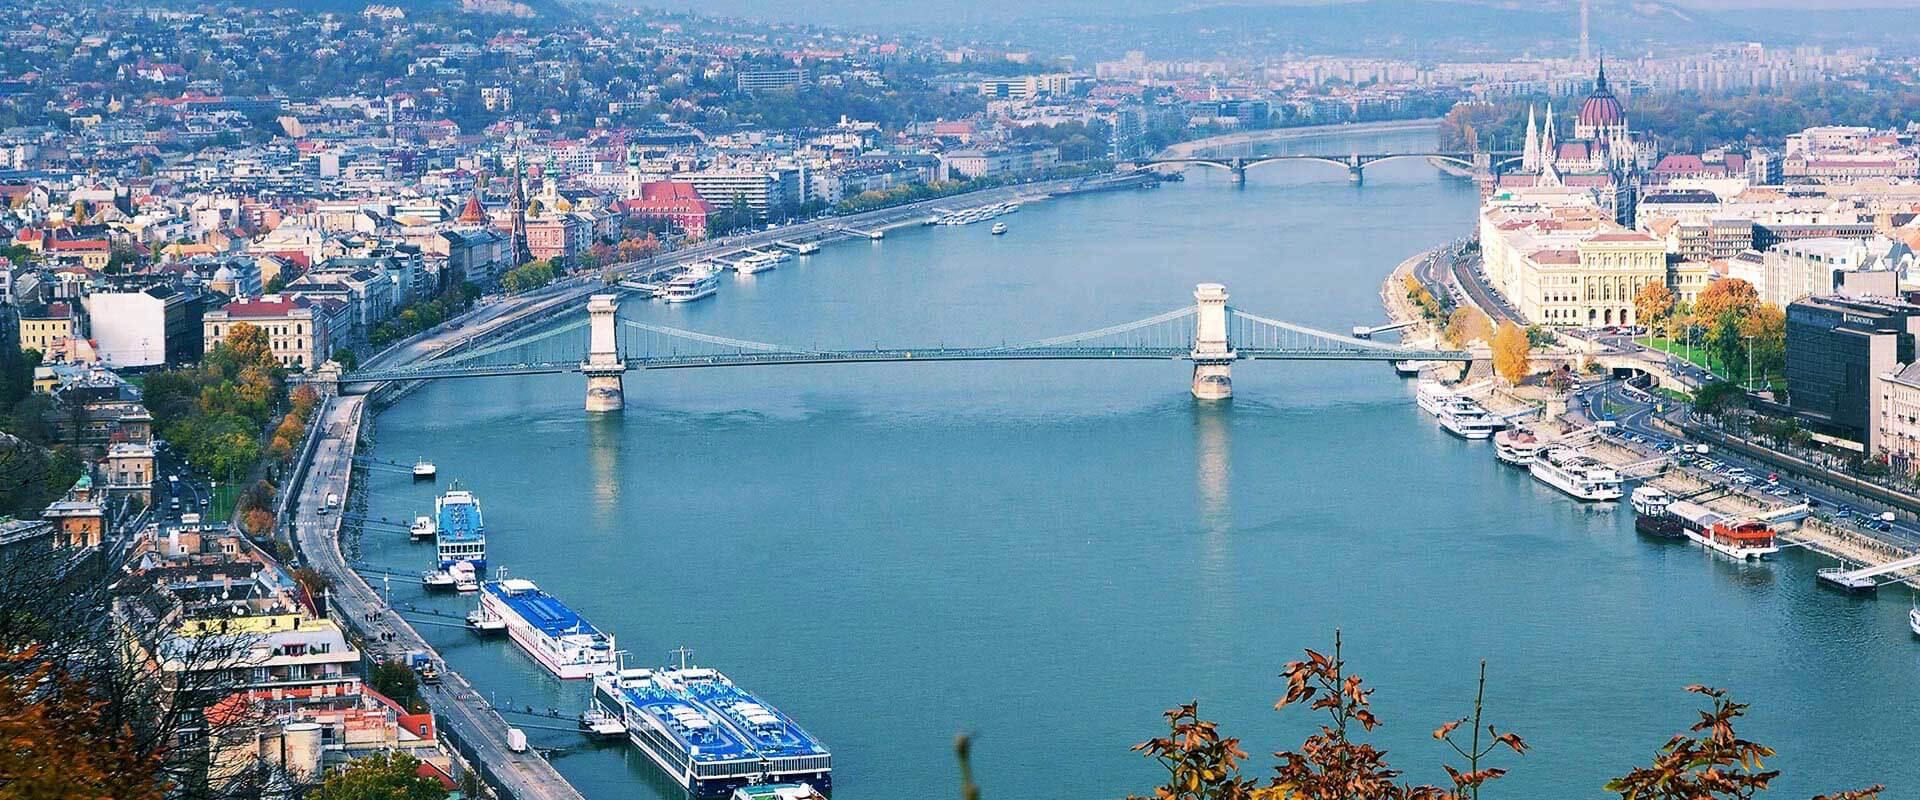 Visor de libros for Oficina turismo budapest